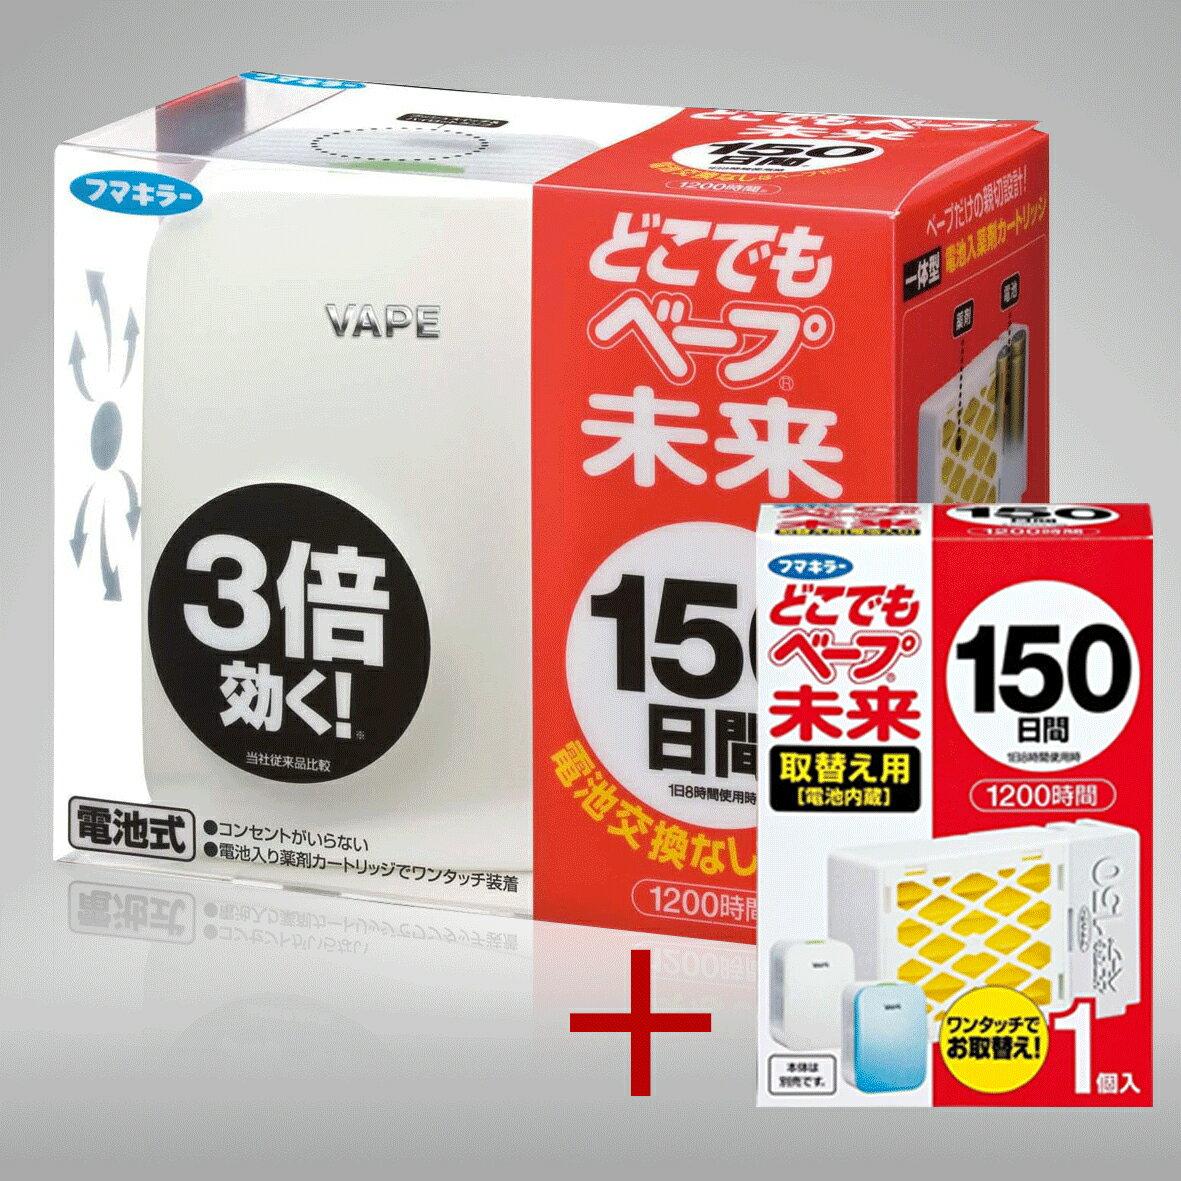 日本VAPE電子防蚊器150日 (主機+補充包*2共300日)驅蚊器可攜帶無毒無味嬰幼兒預防小黑蚊子叮咬登革熱 0